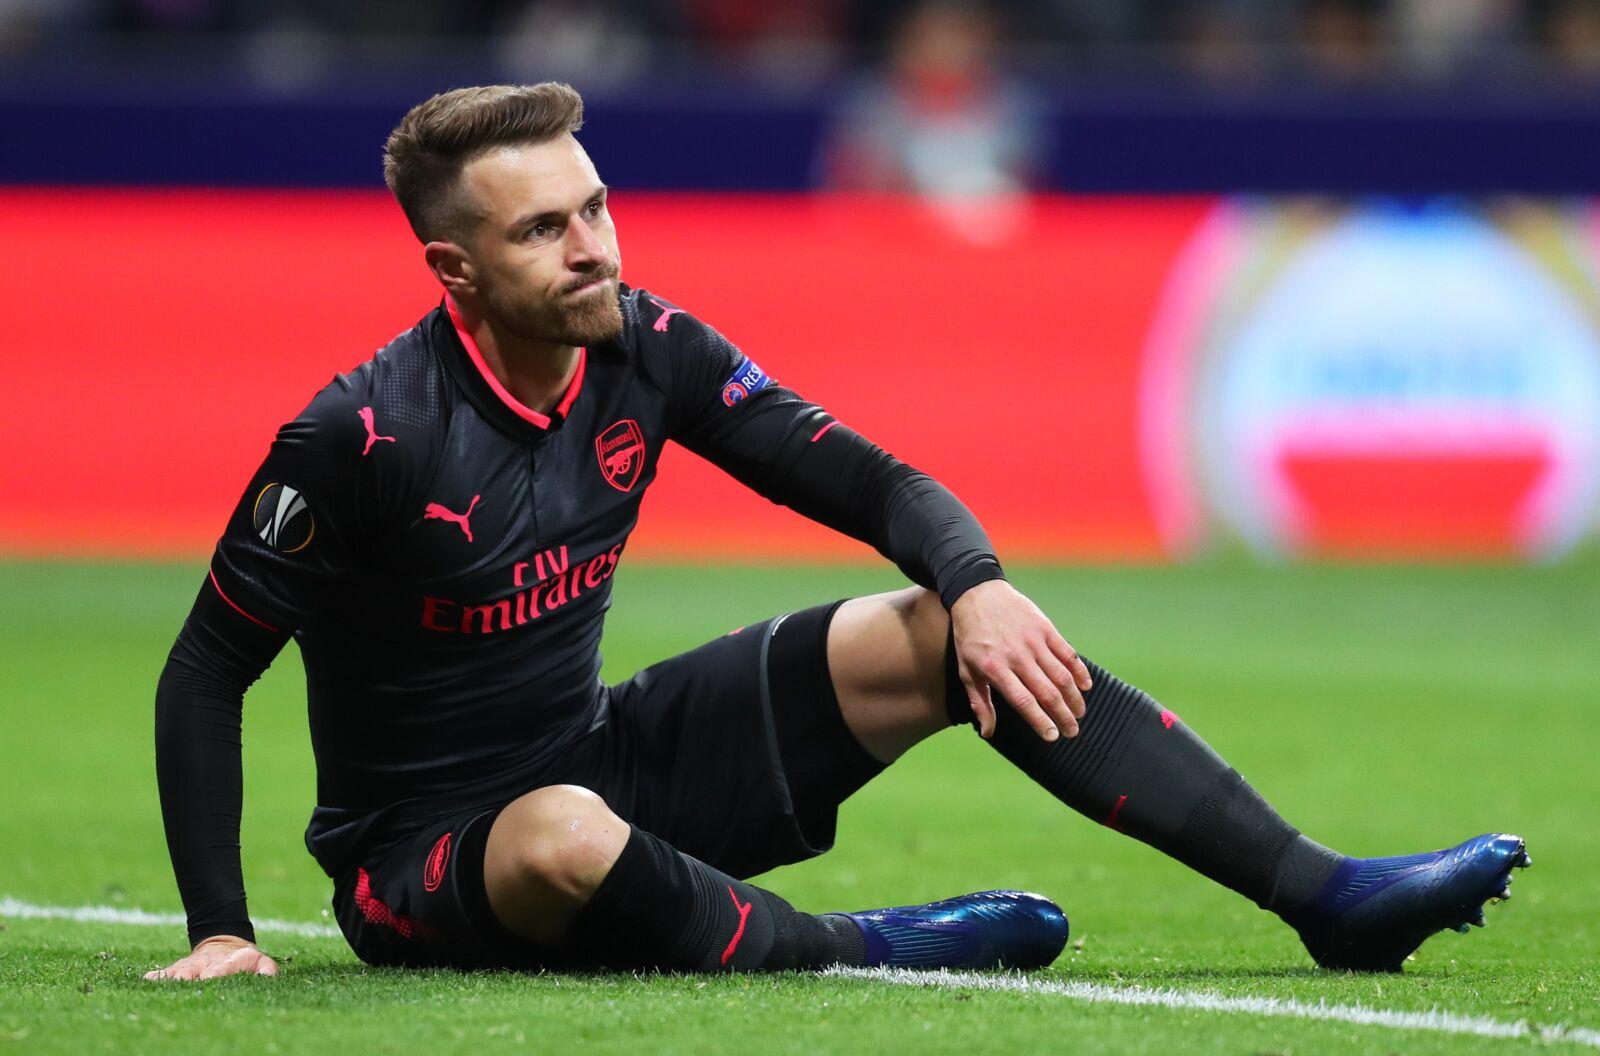 Arsenal: Has Aaron Ramsey already left?